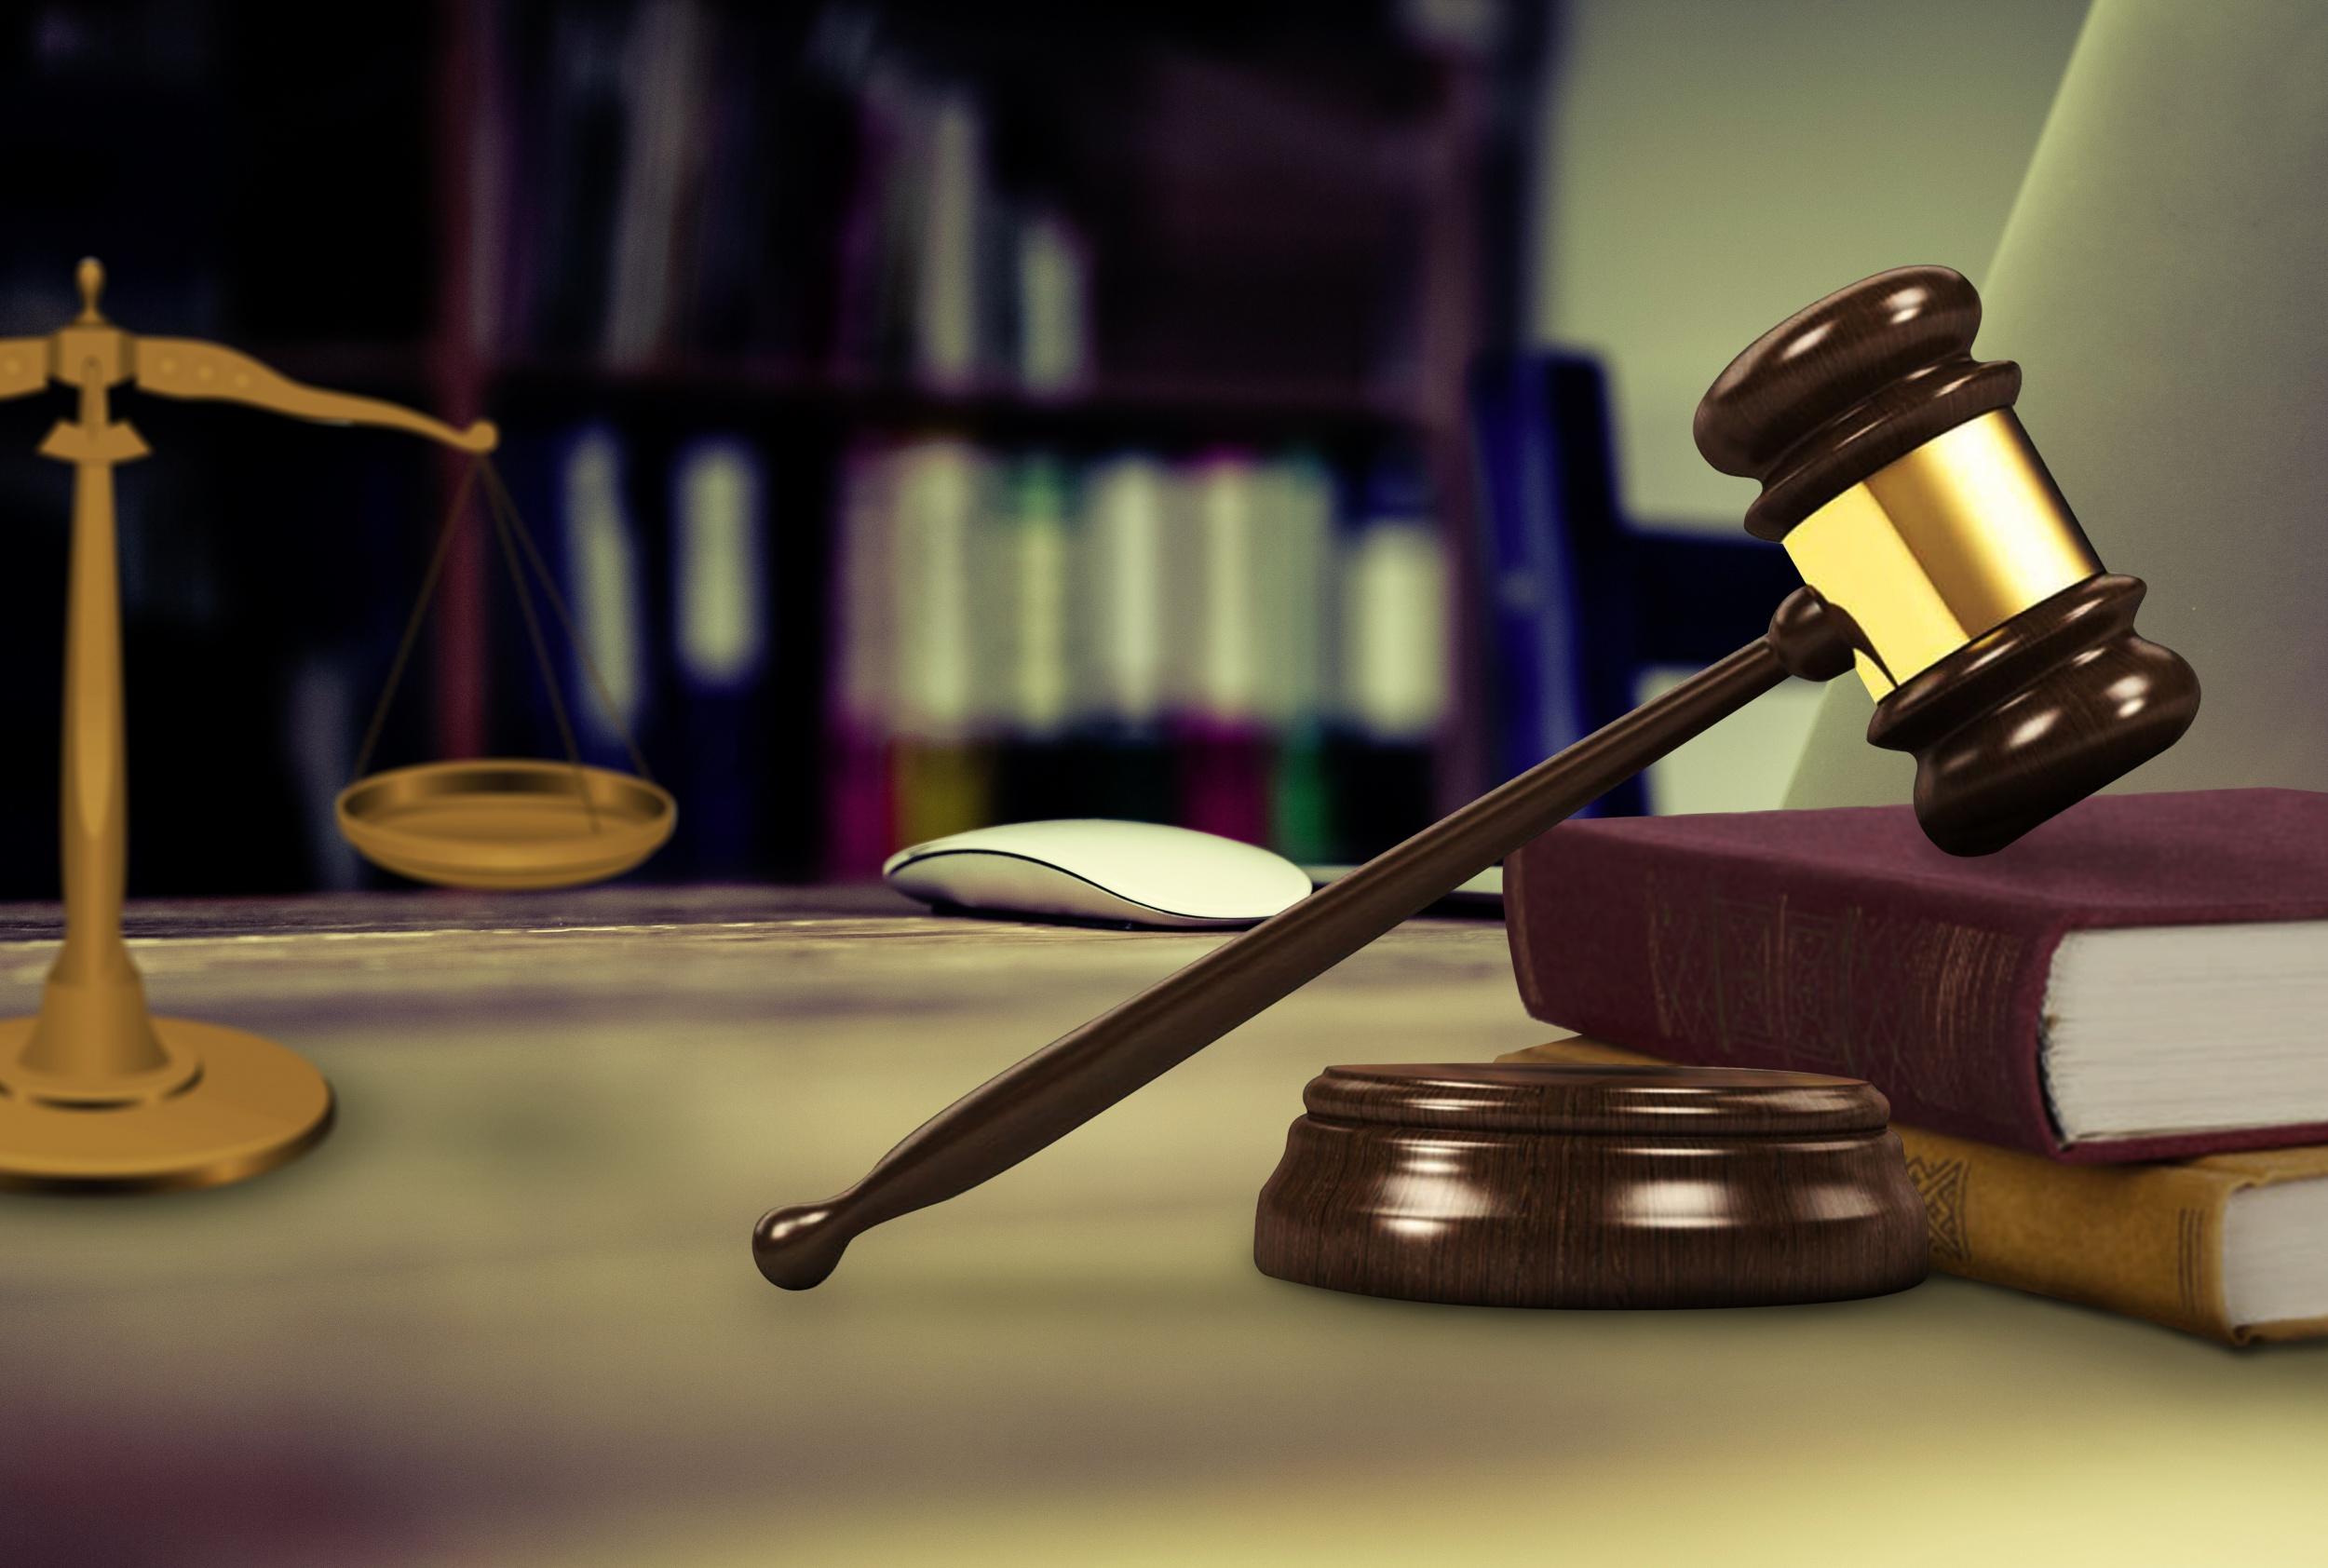 子女阻挠继母继承遗产,佐钊家宁全力帮助取得合法遗产继承权